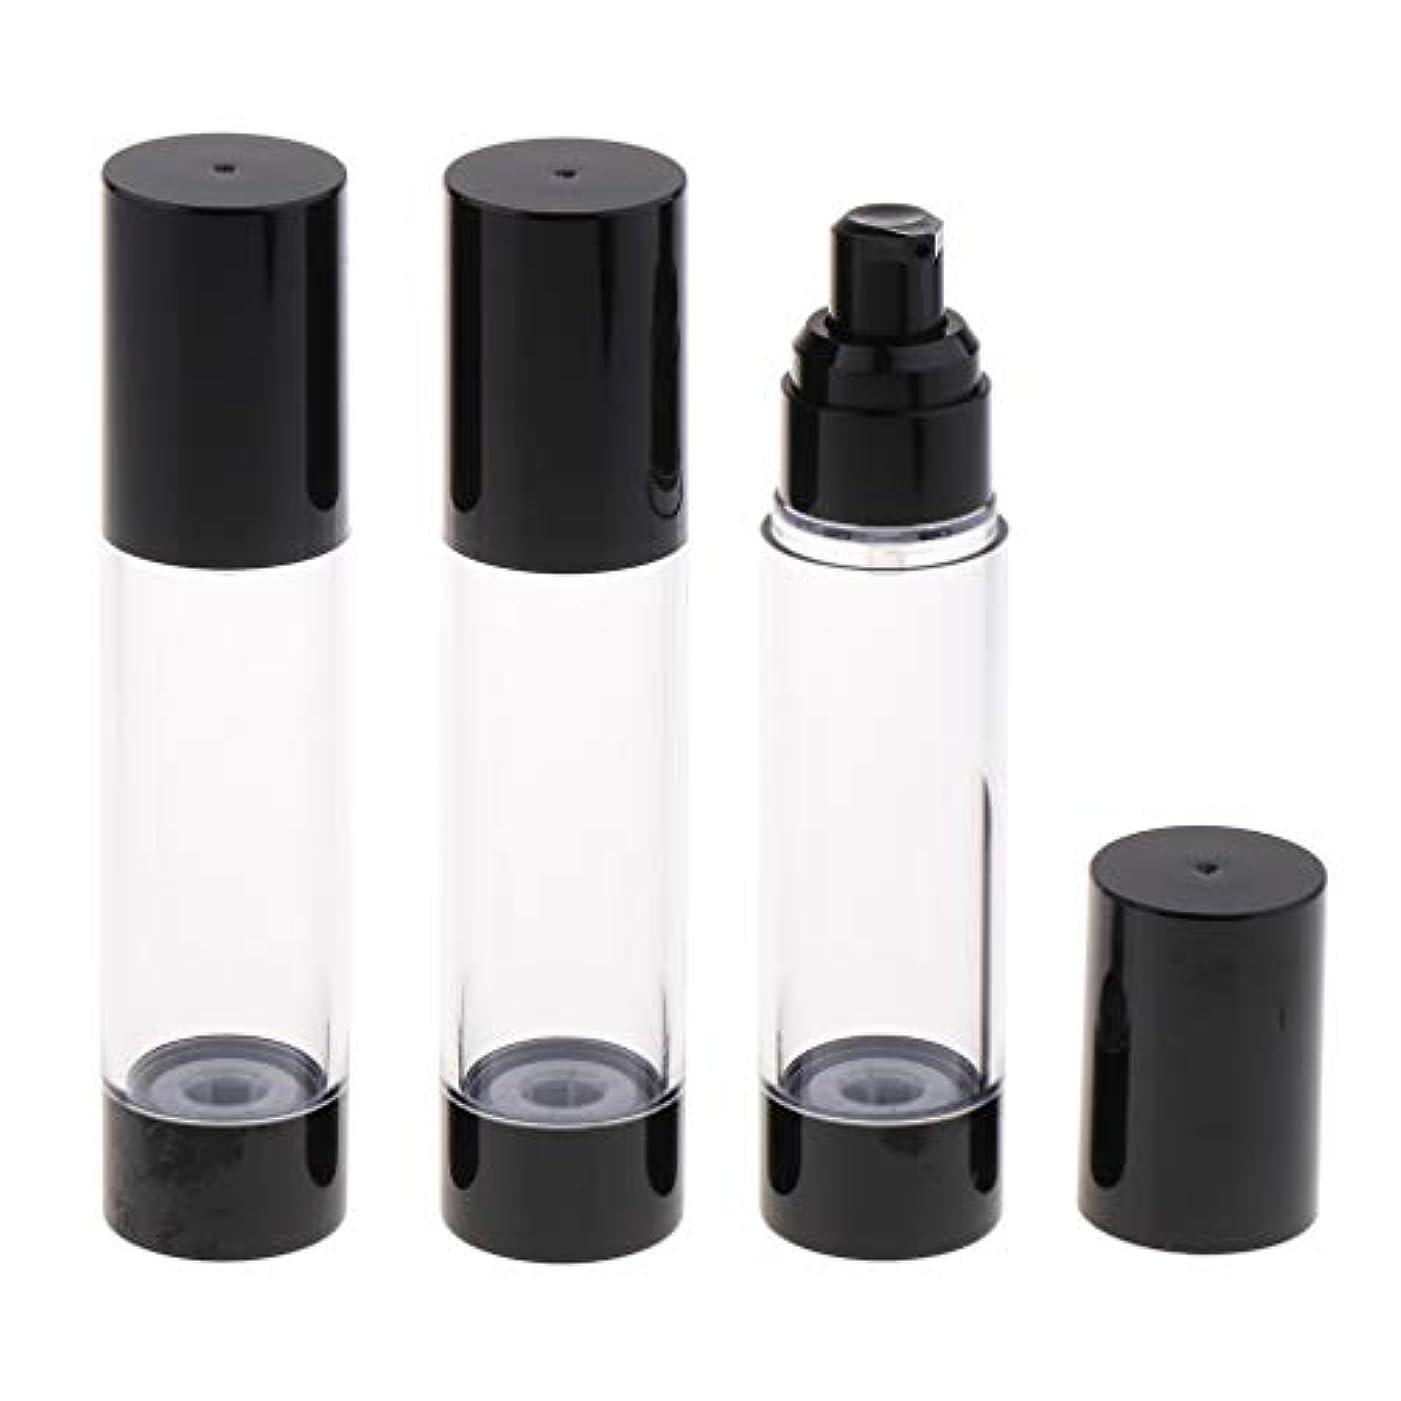 風景やる四回ミストスプレーボトル 霧吹き アトマイザー 噴霧ボトル 美容室 美容院 用品 3個入り 全6サイズ - クリーム50ml